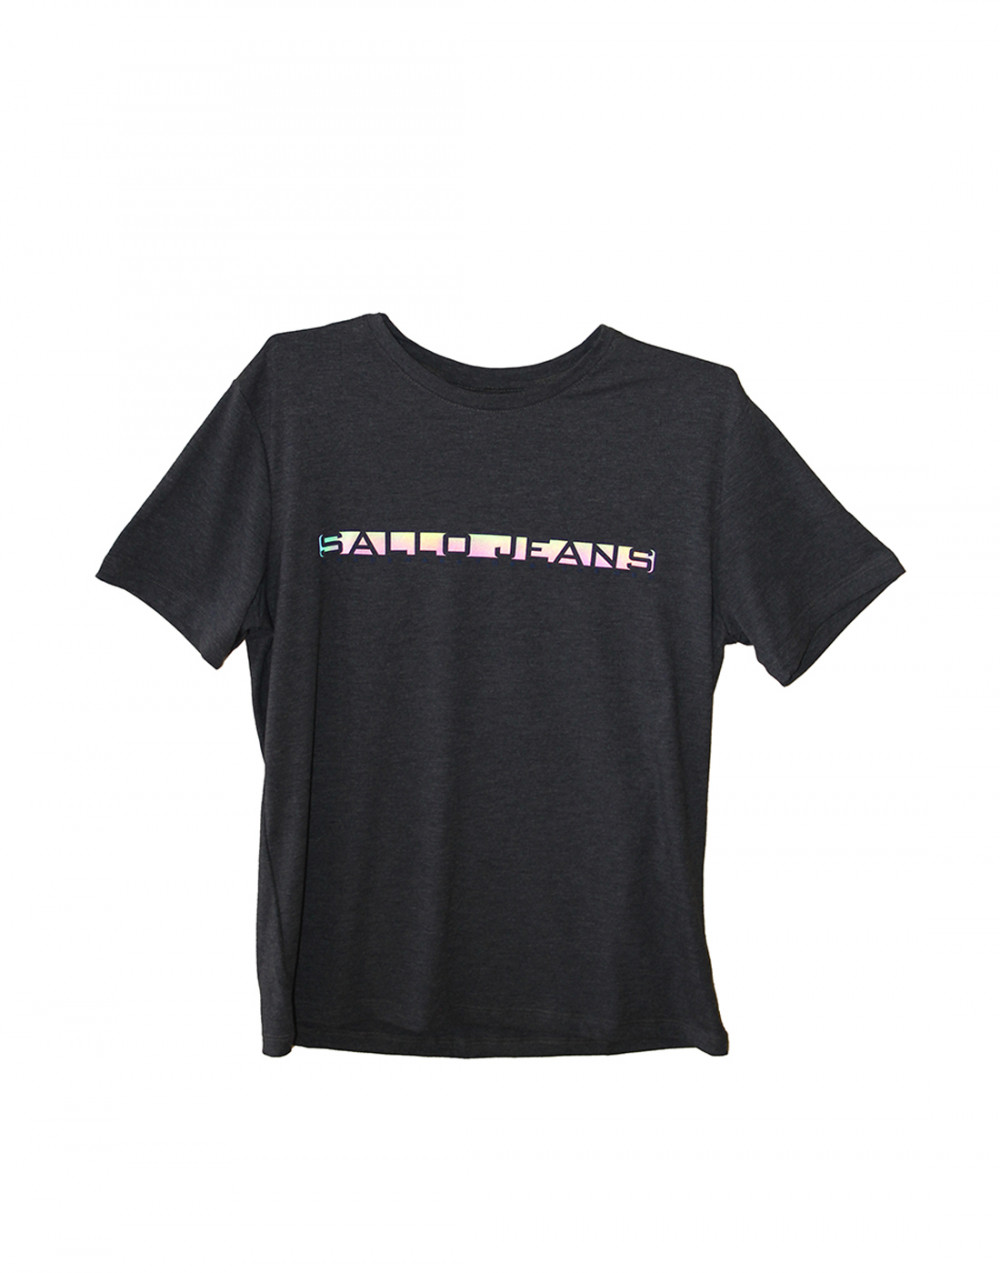 Camiseta Gola O. Estampa Reflexiva Sallo